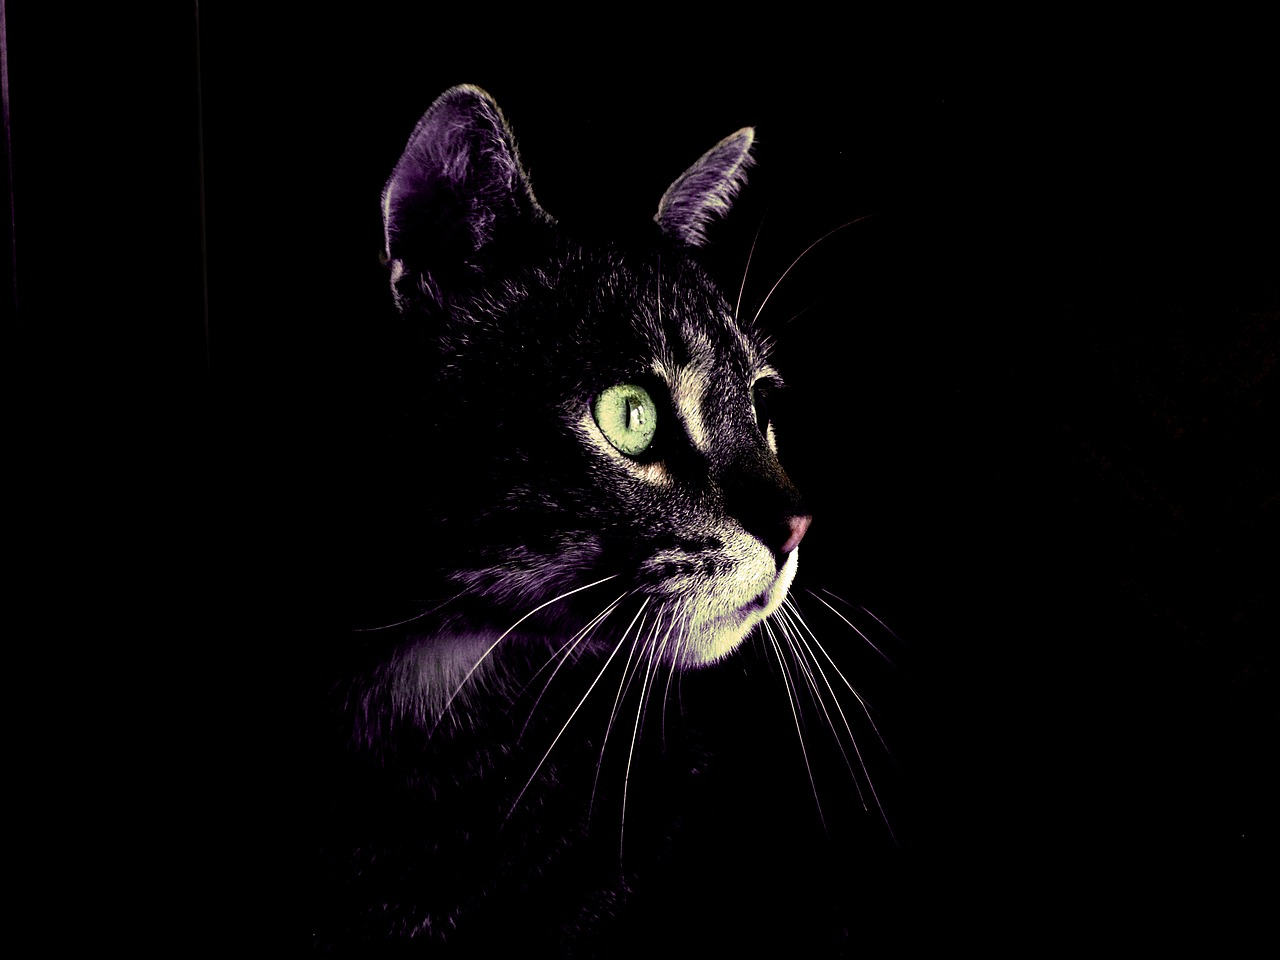 cat-2575913_1280